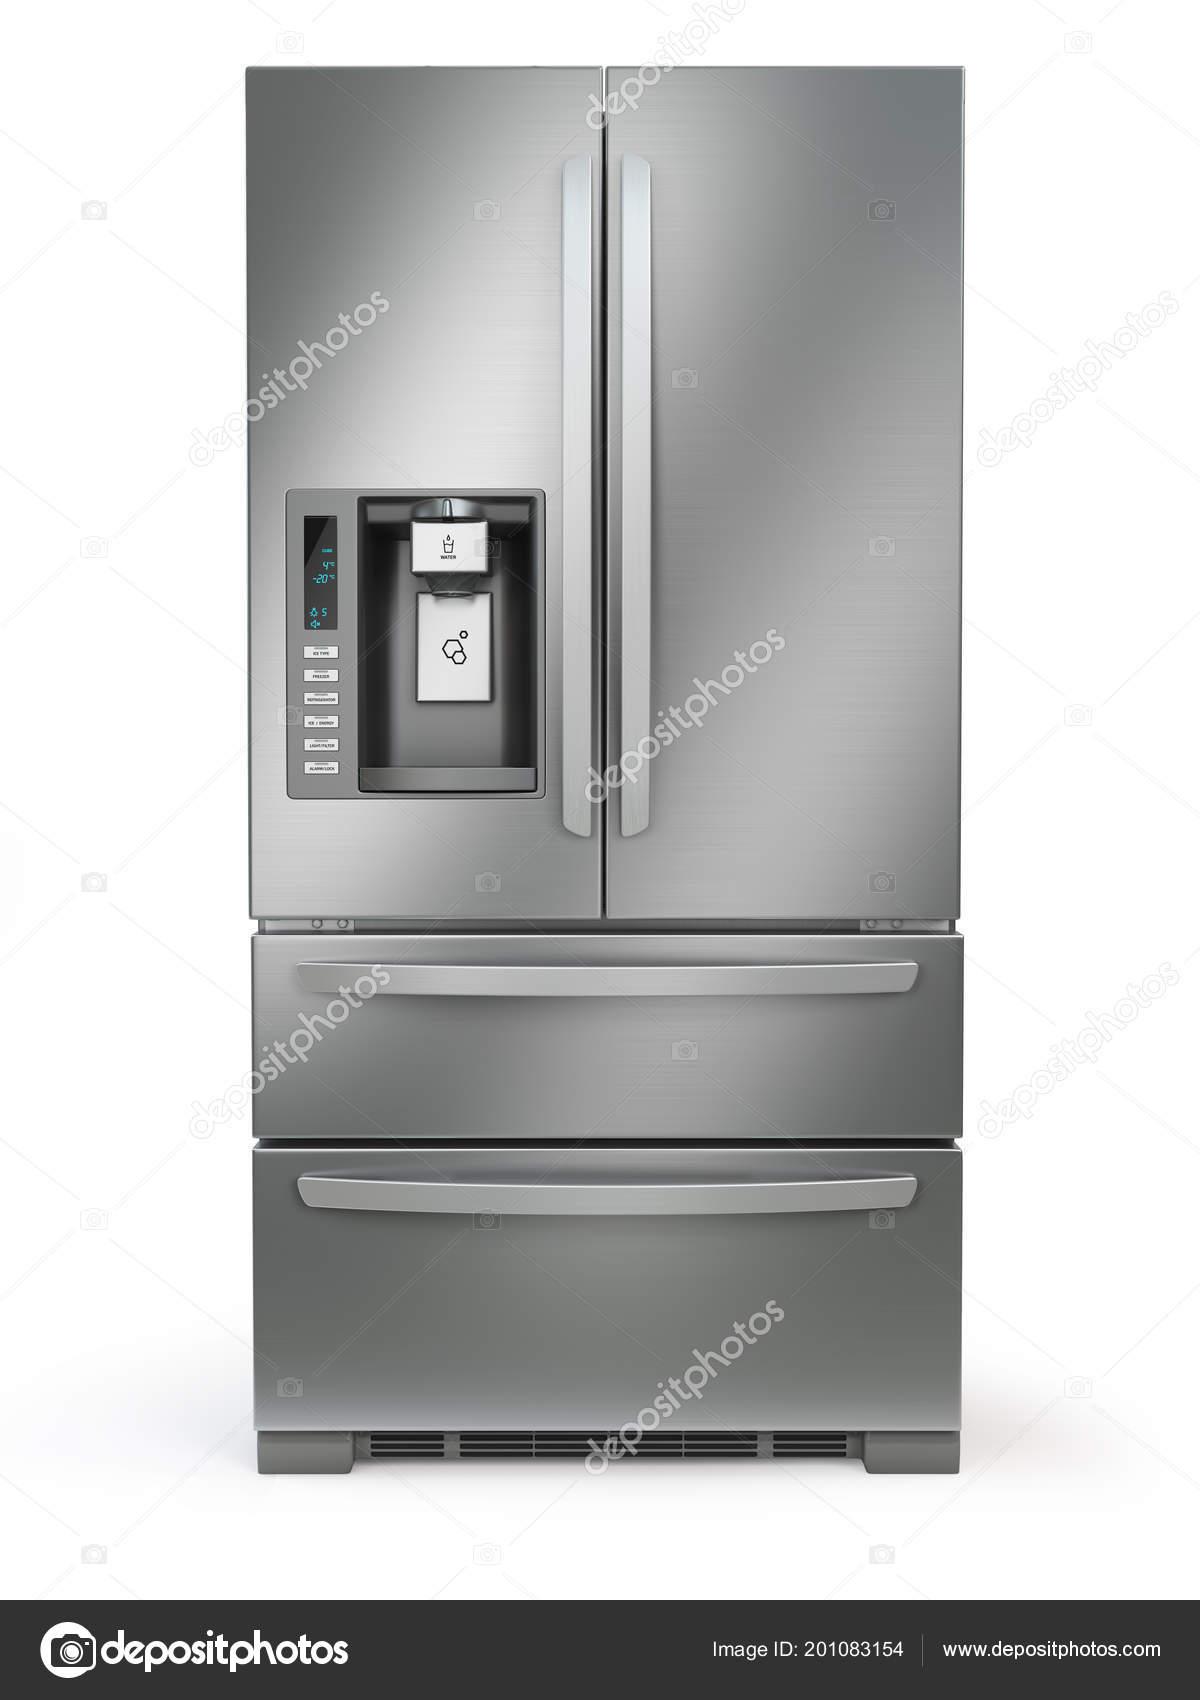 Sehr Kühlschrank Mit Gefrierfach Side Side Edelstahl Stahl Kühlschrank QK41